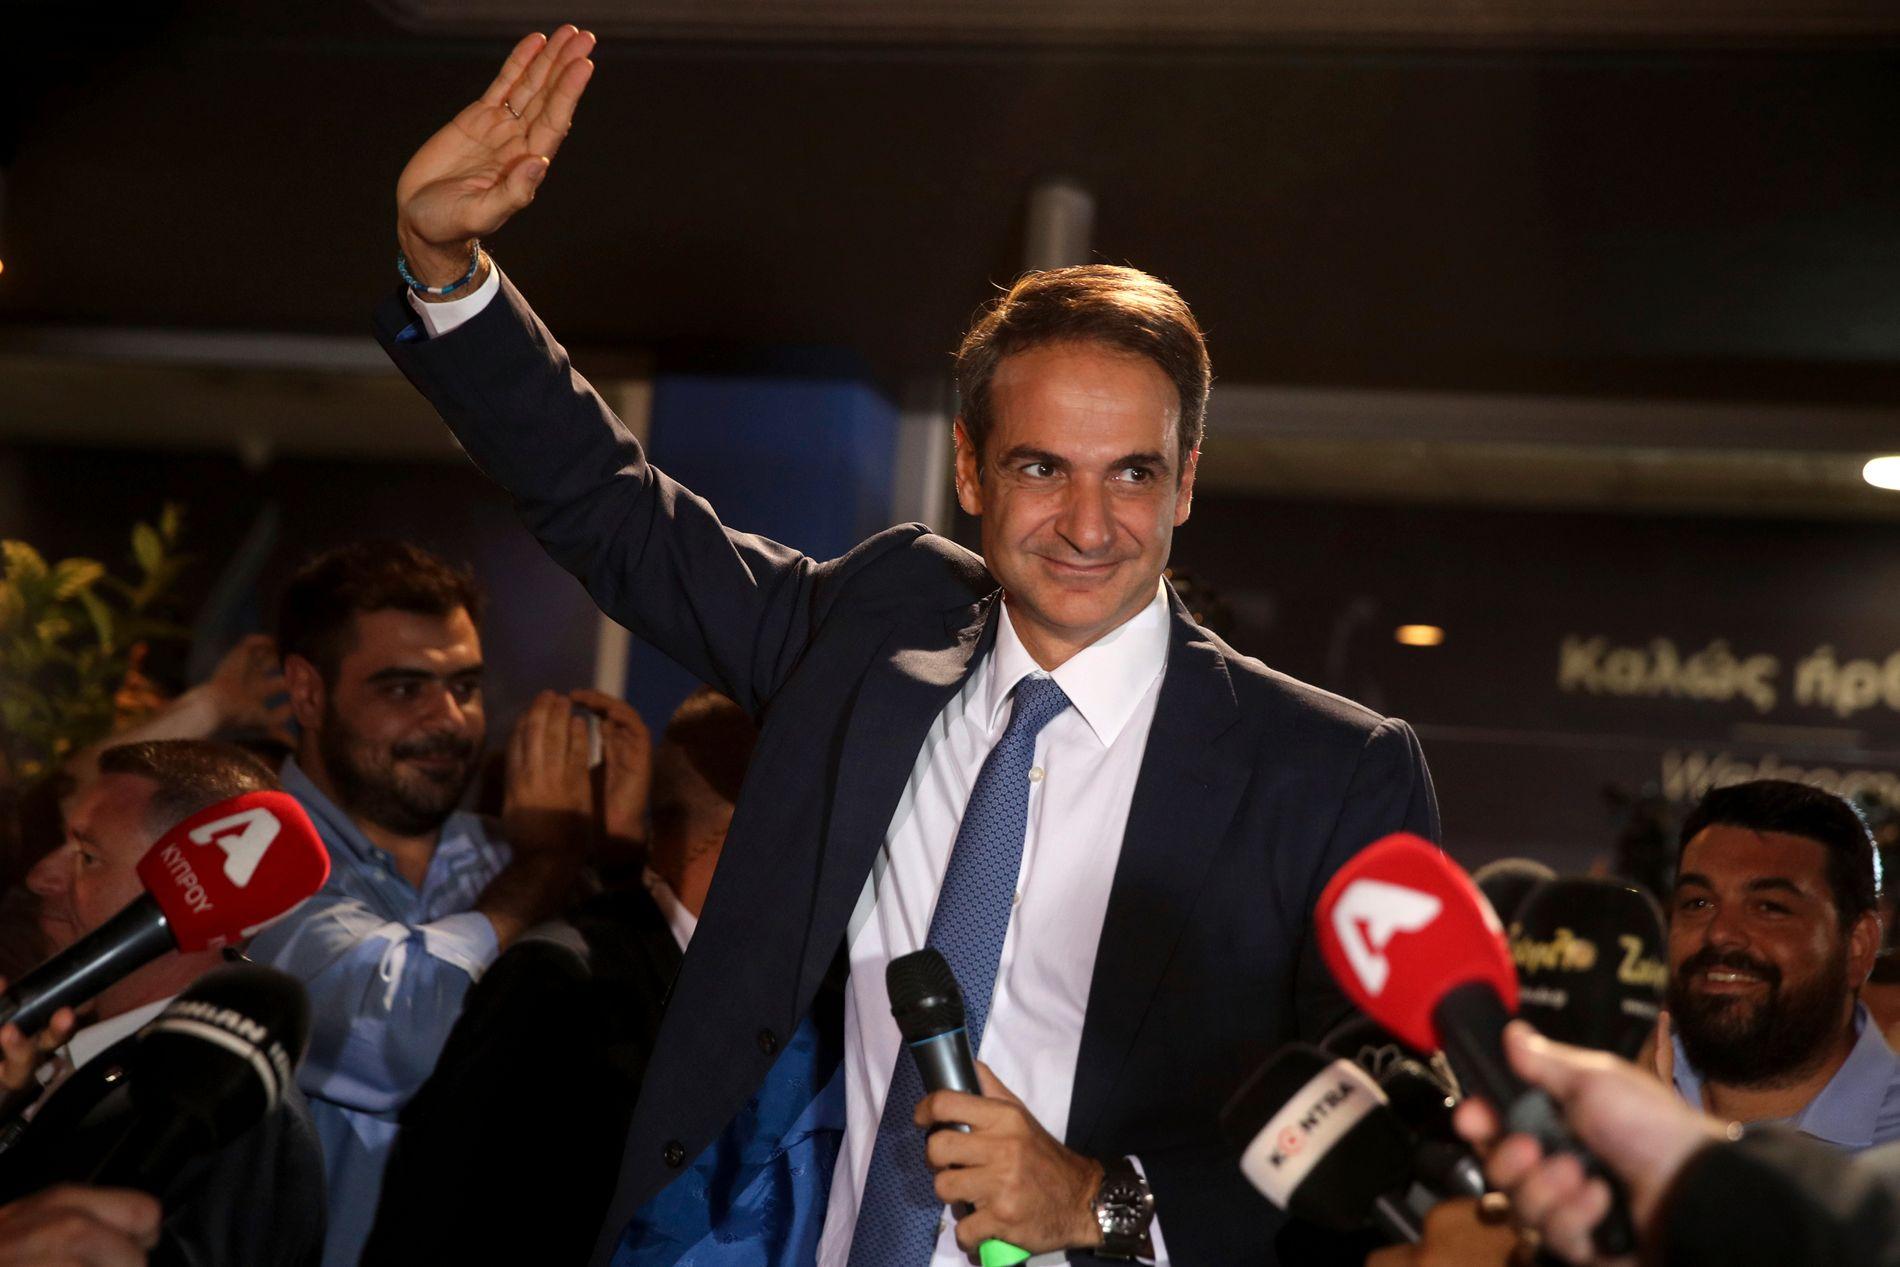 VALGVINNER: Lederen av det greske opposisjonspartiet Nytt demokrati, Kyriakos Mitsotakis, er etter alt å dømme landets nye statsminister.